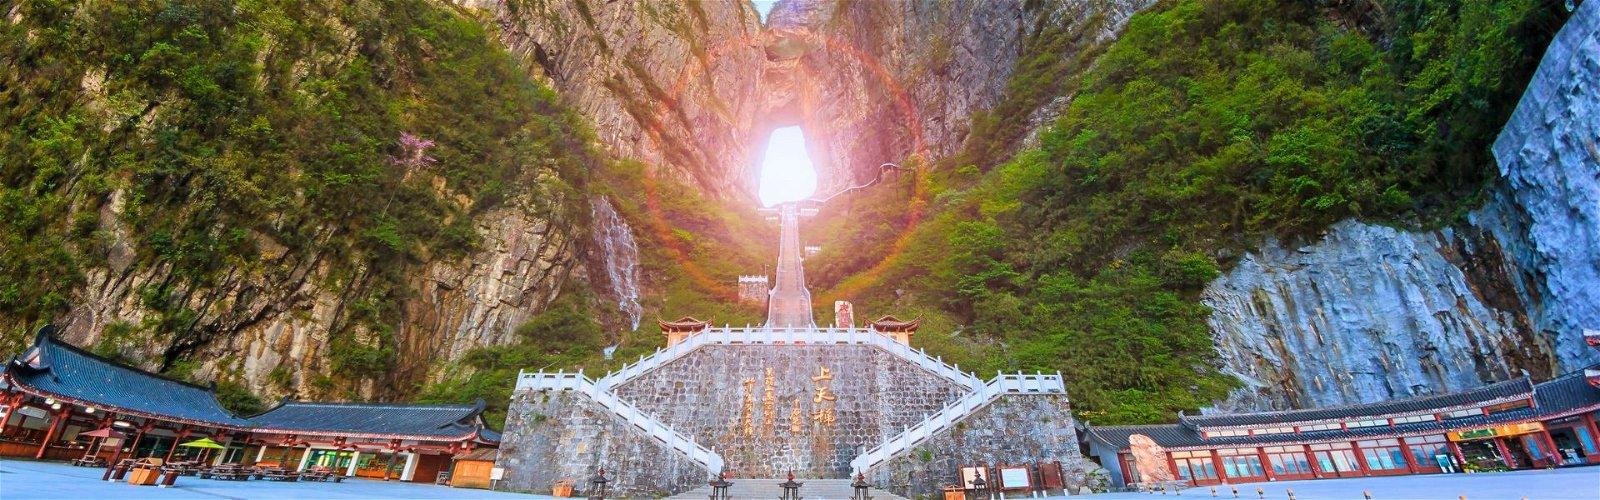 ทัวร์คุนหมิง เที่ยวจีนที่ใช่ในราคาที่ชอบ - Mushroom Travel